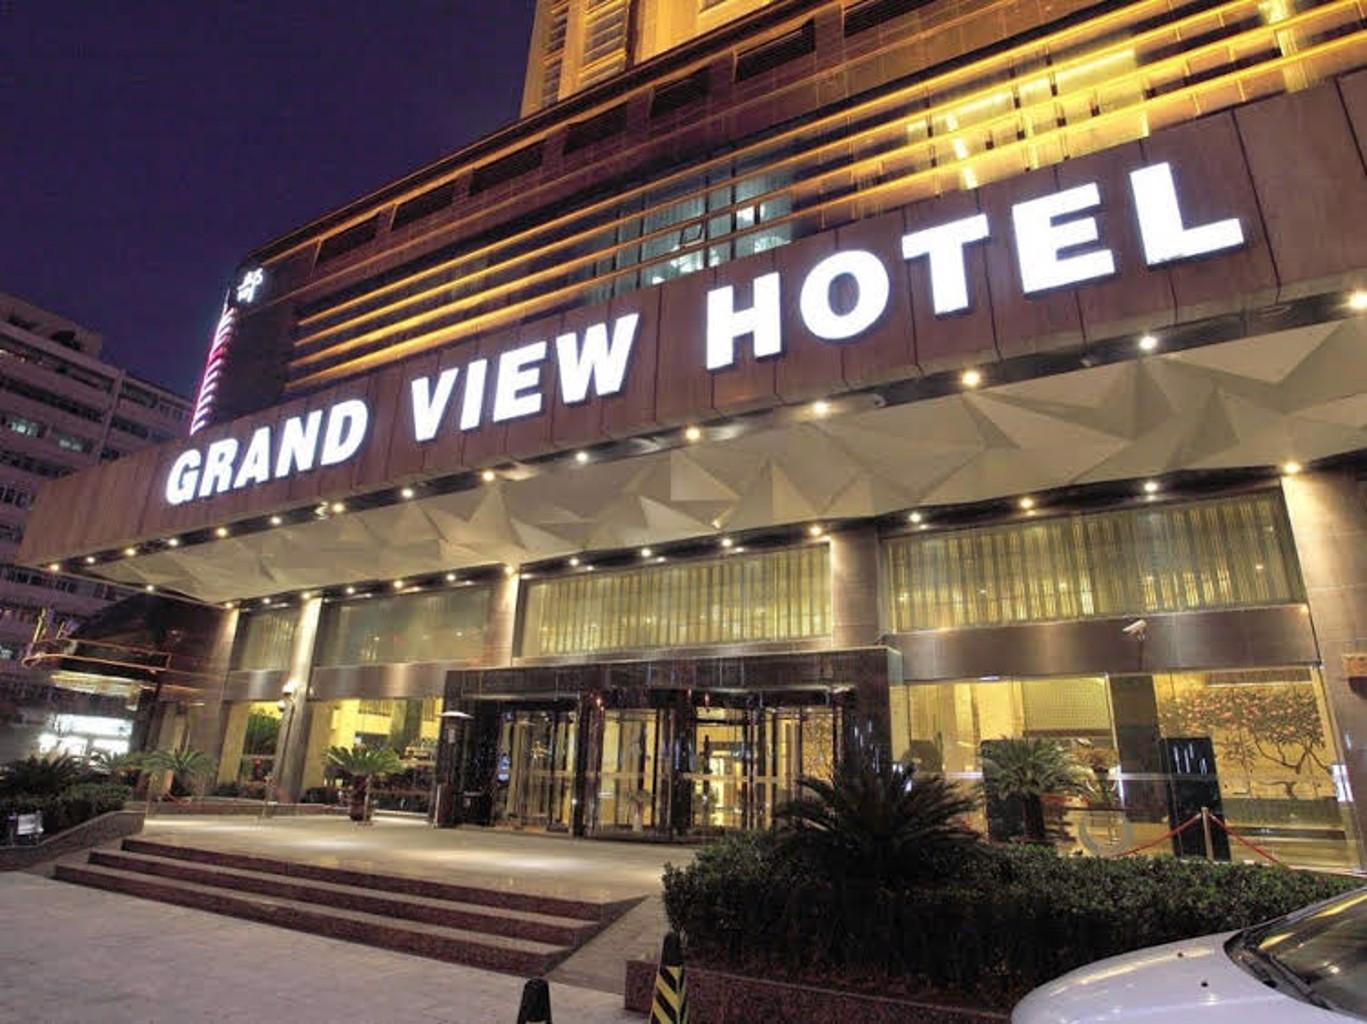 Tianjin Grand View Hotel